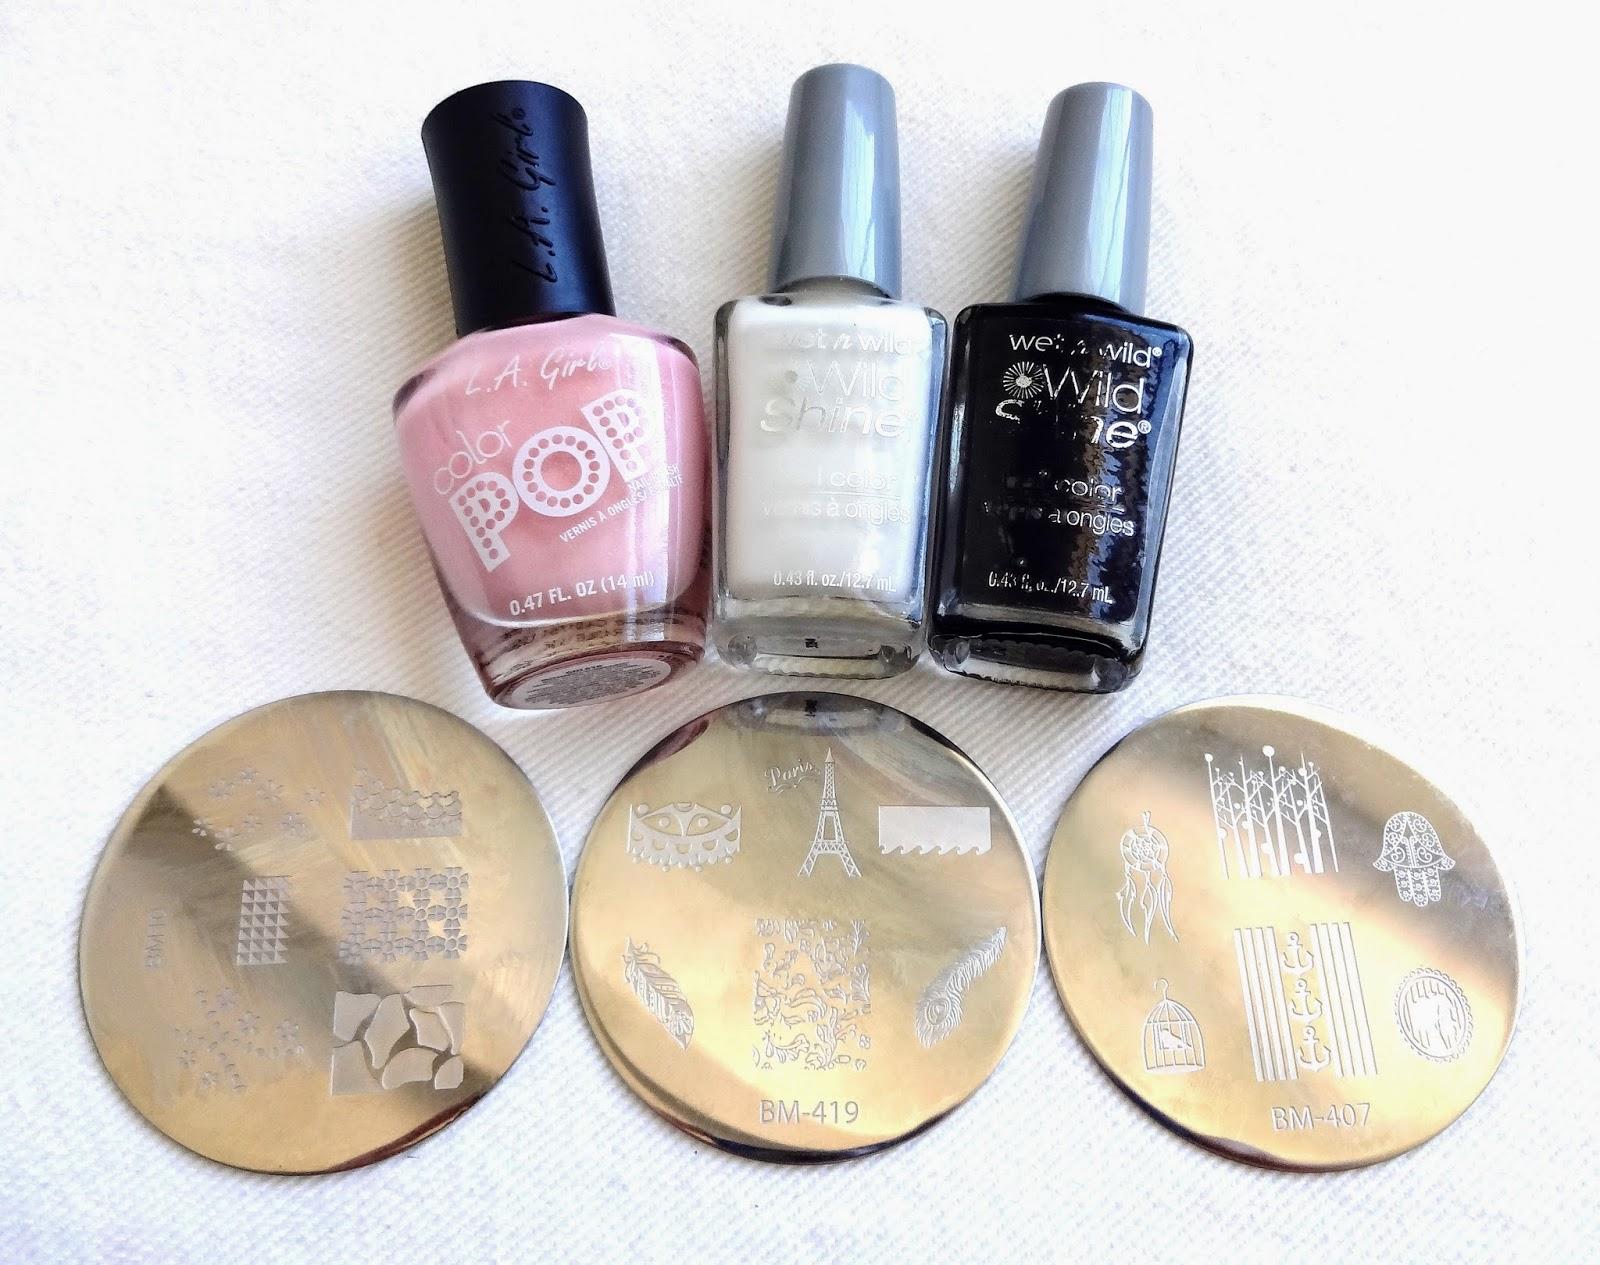 Nail polish and nail plates